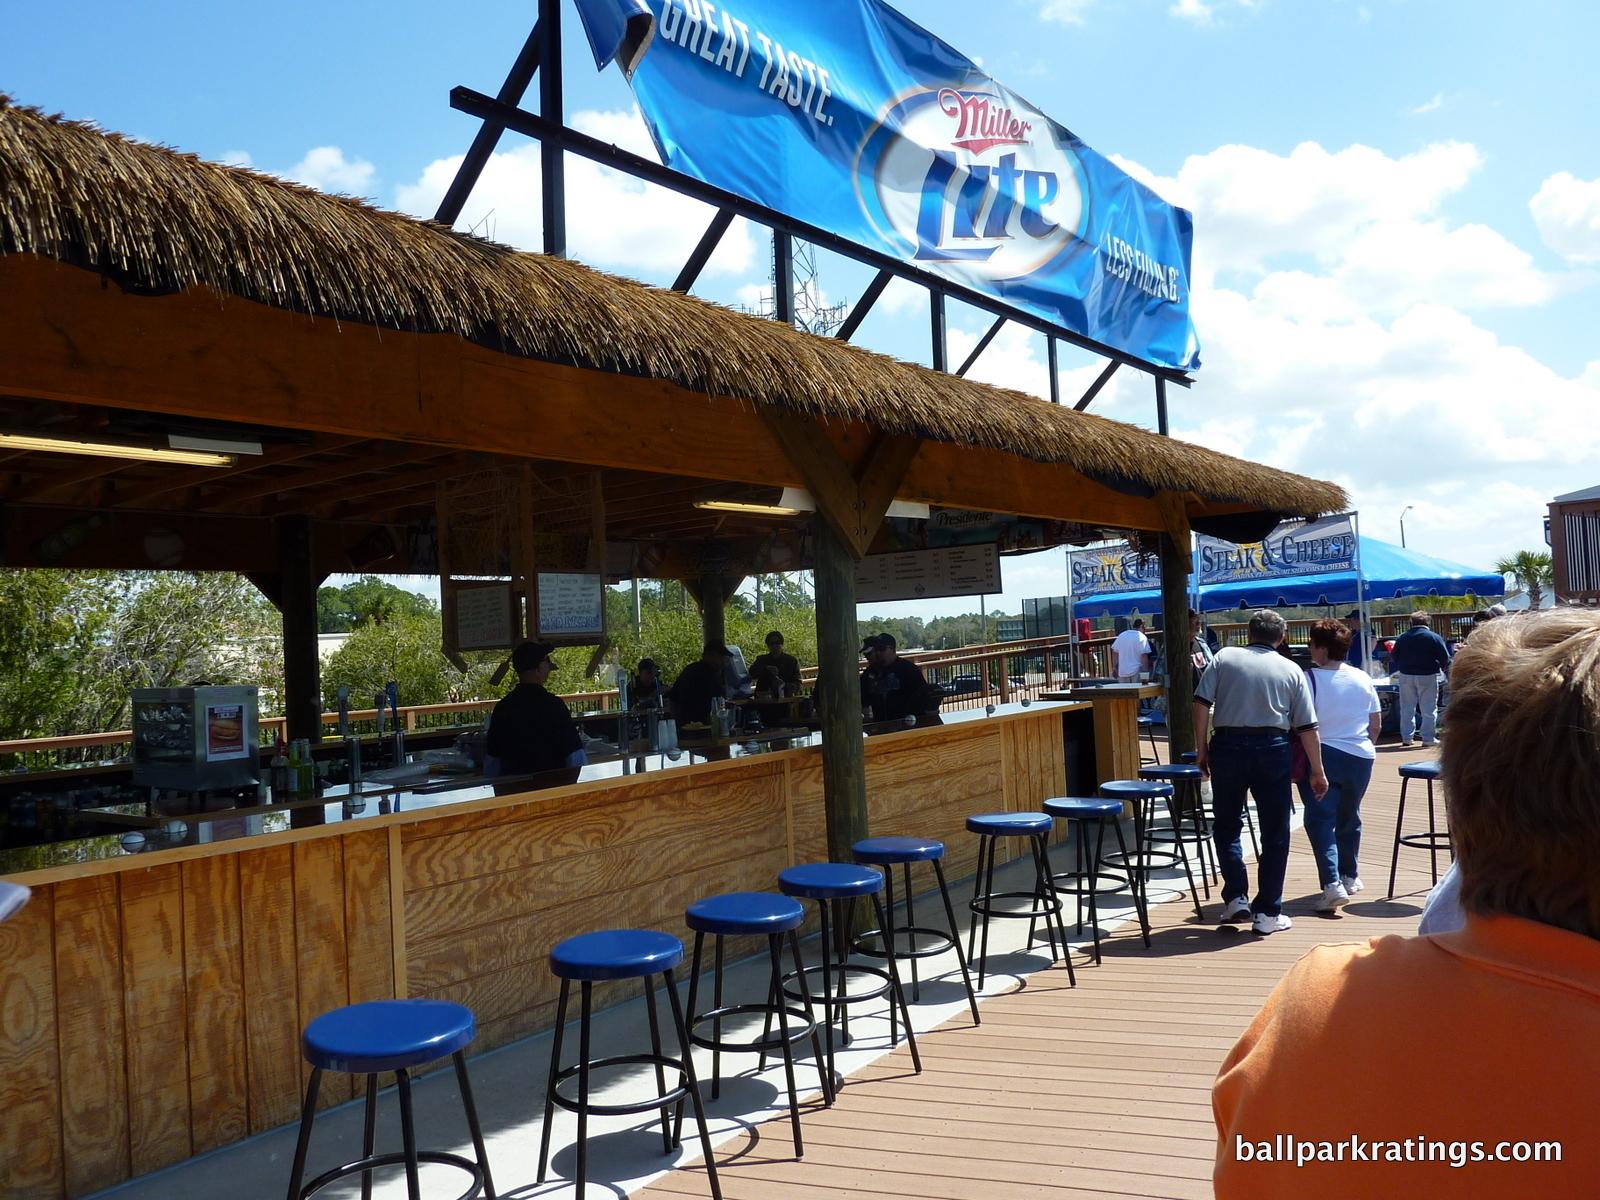 Tiki Bar at Charlotte Sports Park.